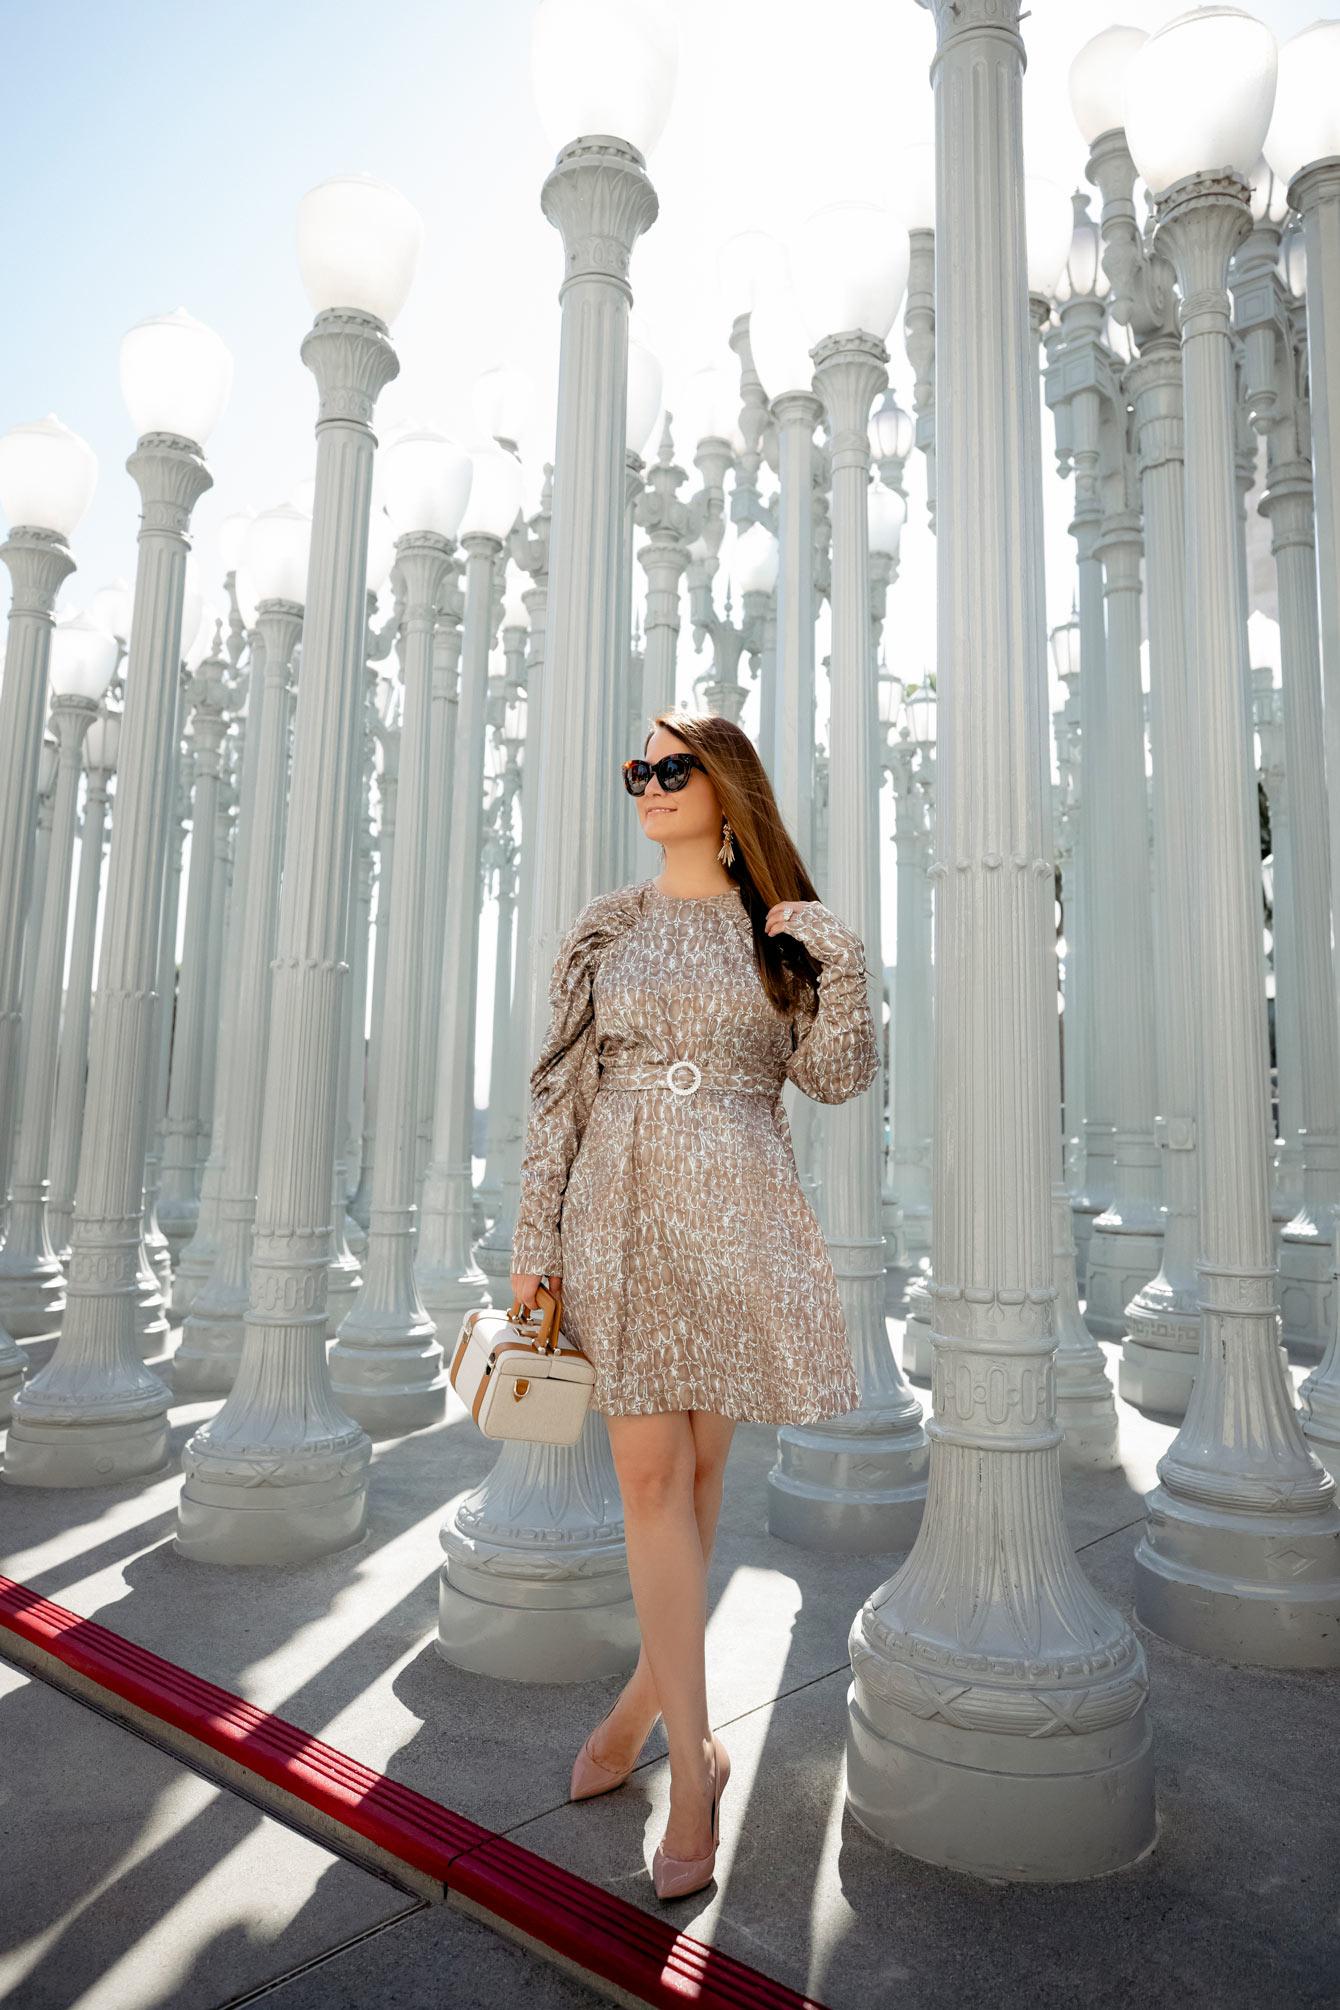 Los Angeles Light Installation